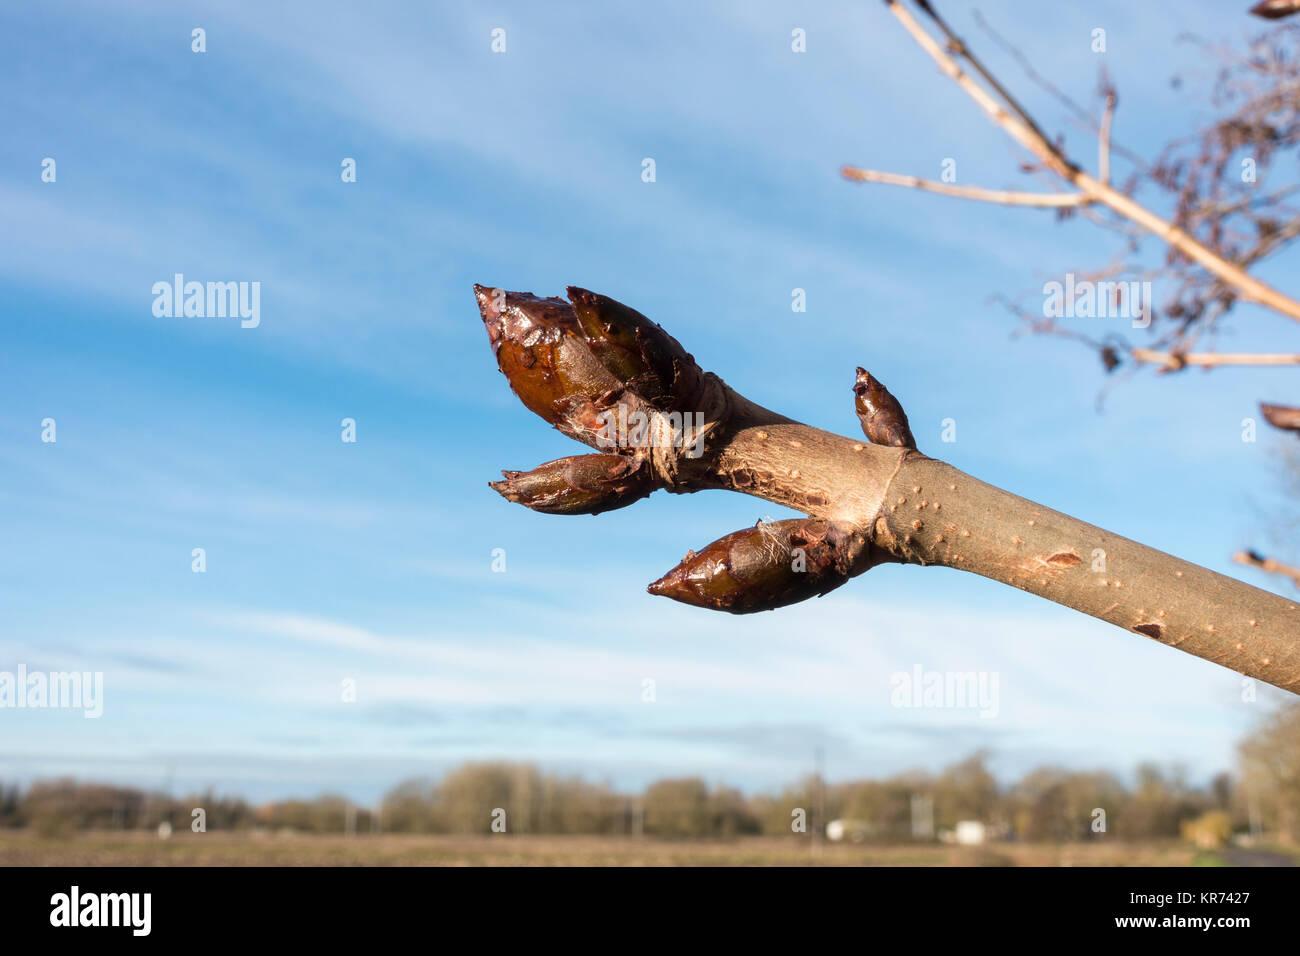 sticky-buds-of-horse-chestnut-tree-KR742